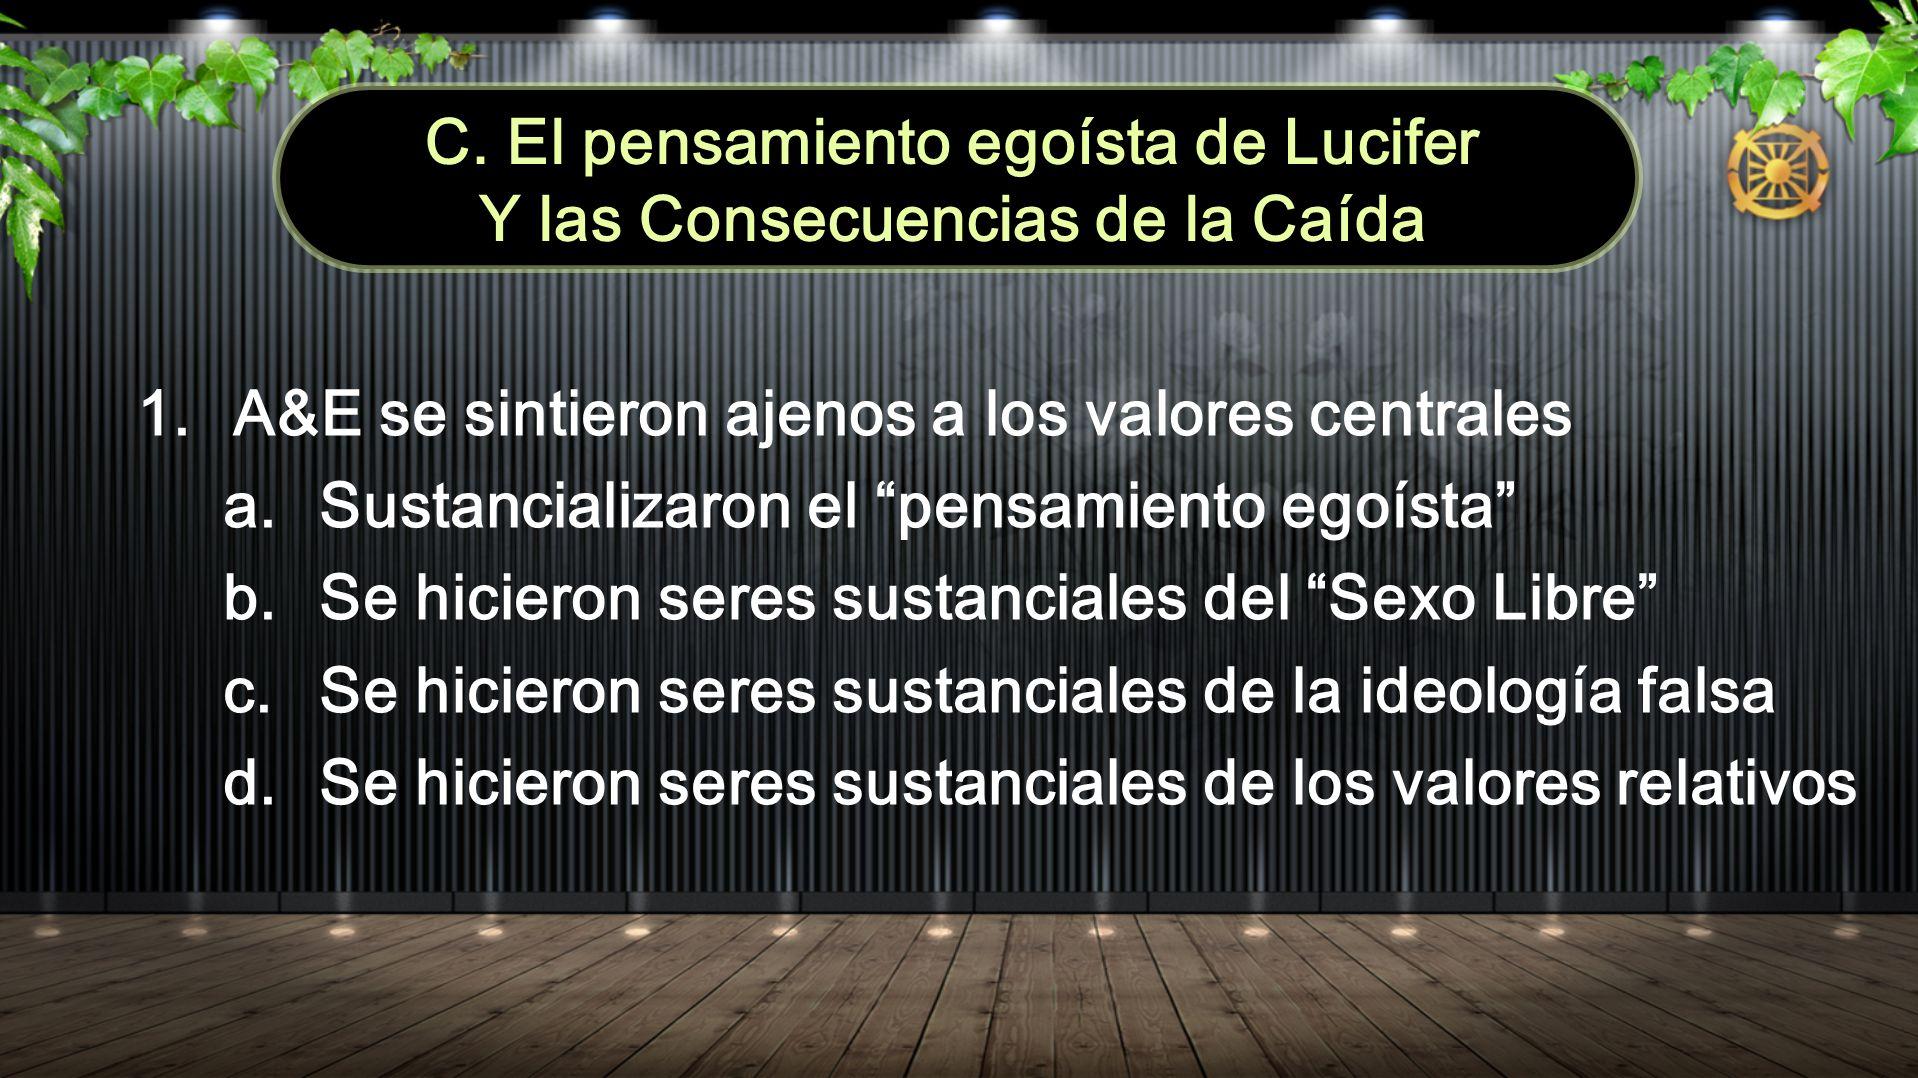 C. El pensamiento egoísta de Lucifer Y las Consecuencias de la Caída